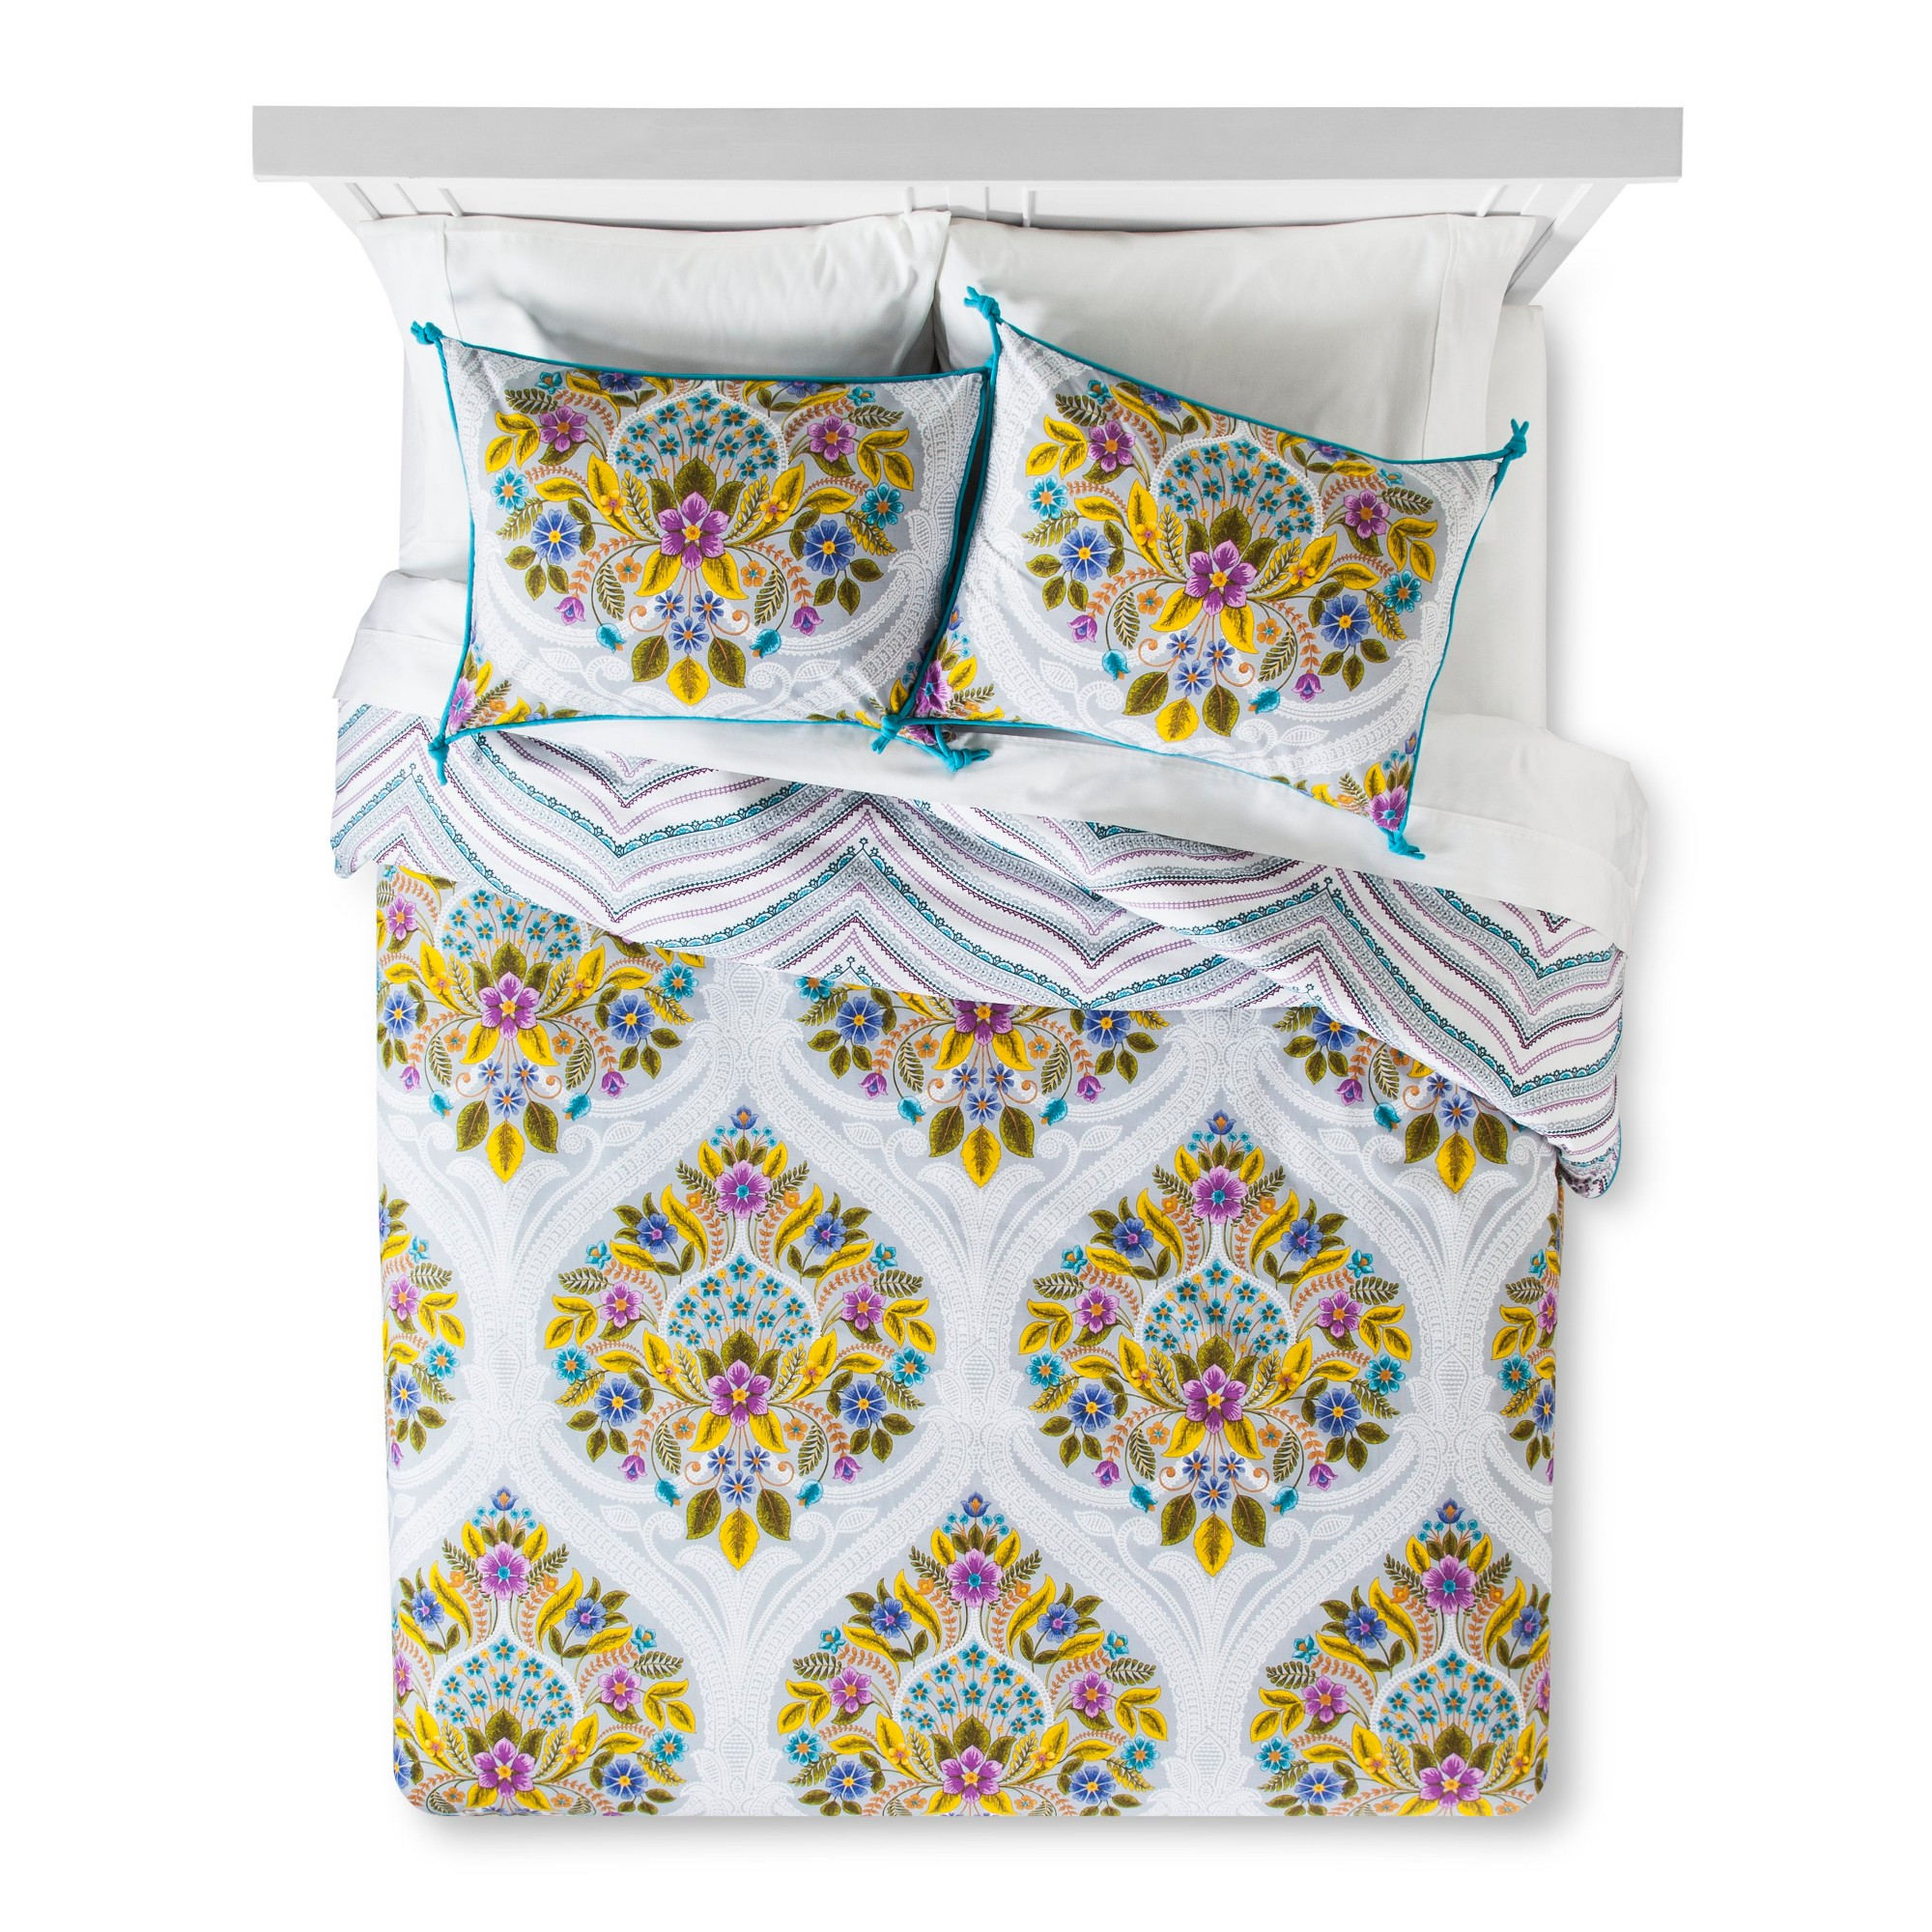 Indie Flower Duvet Cover Set Twin XL Boho Boutique